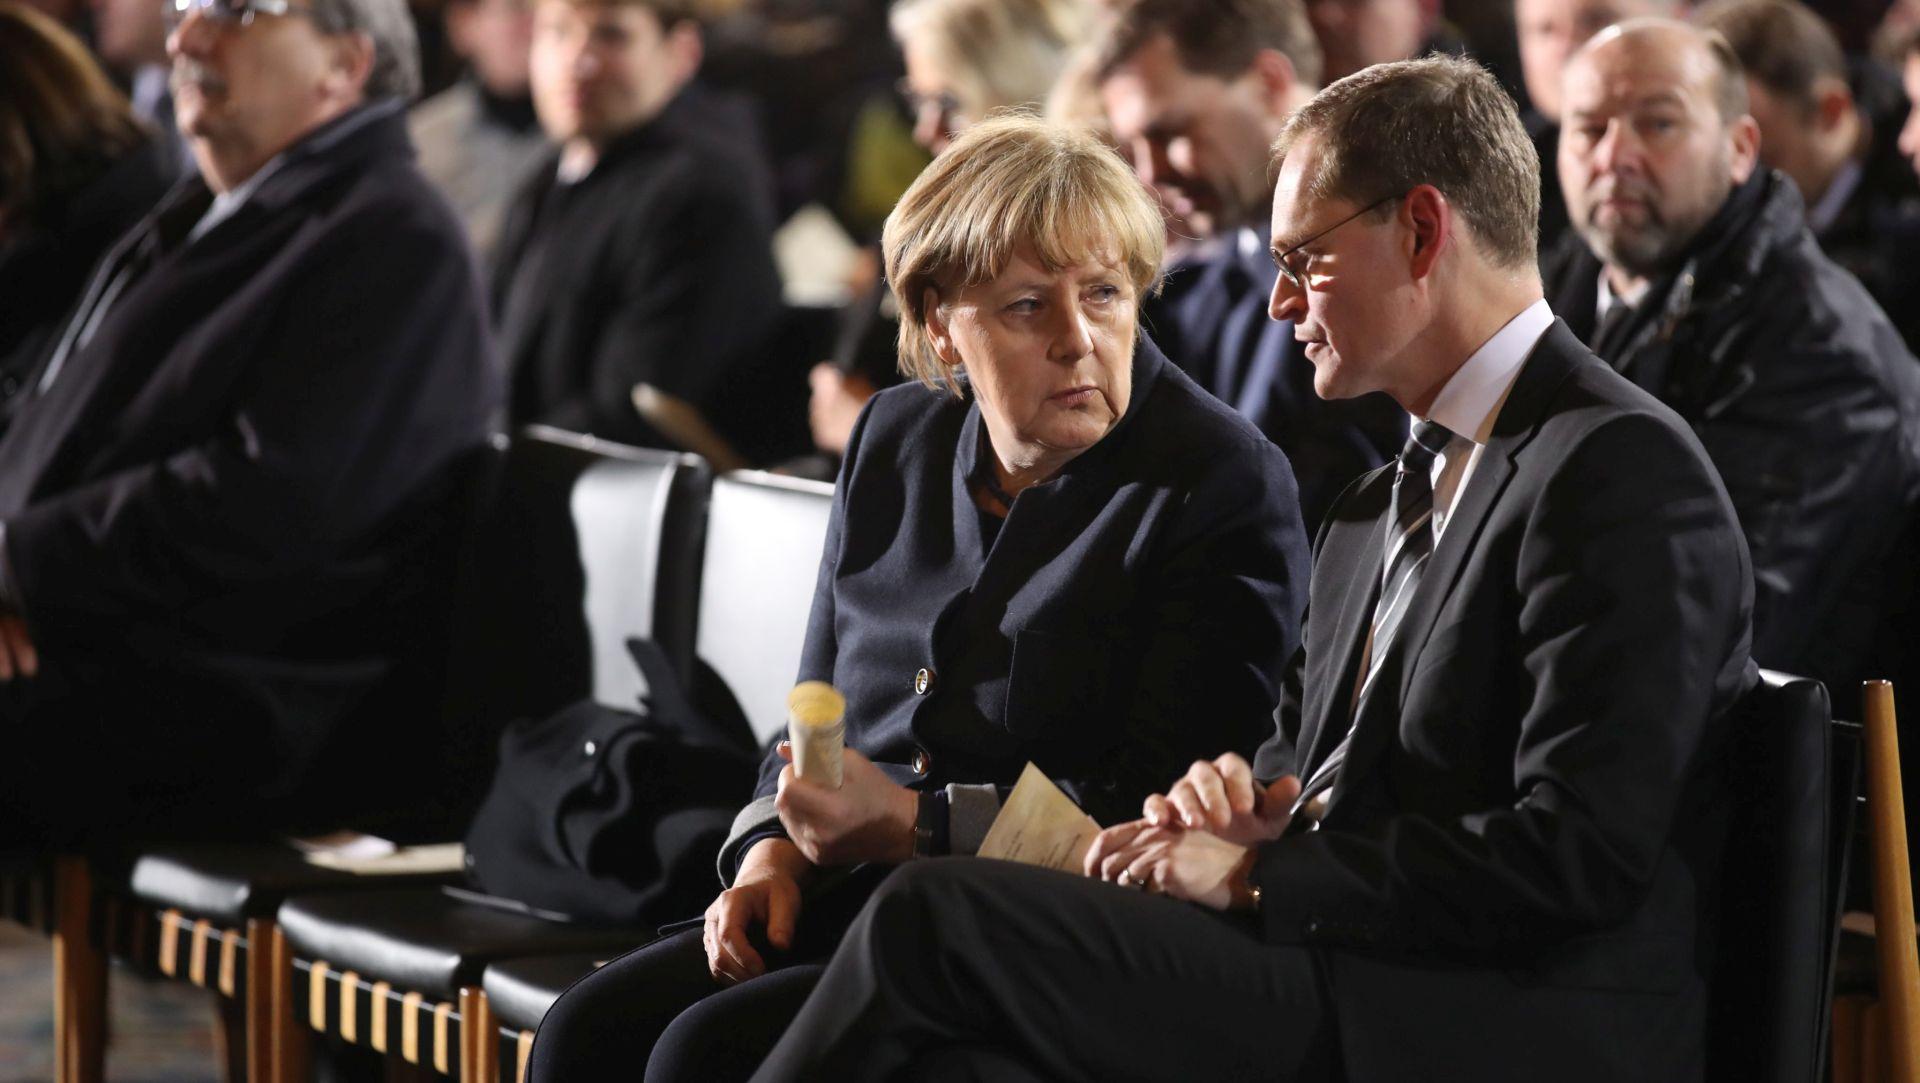 Merkel razgovarala s europskim čelnicima o napadu na božićni sajam